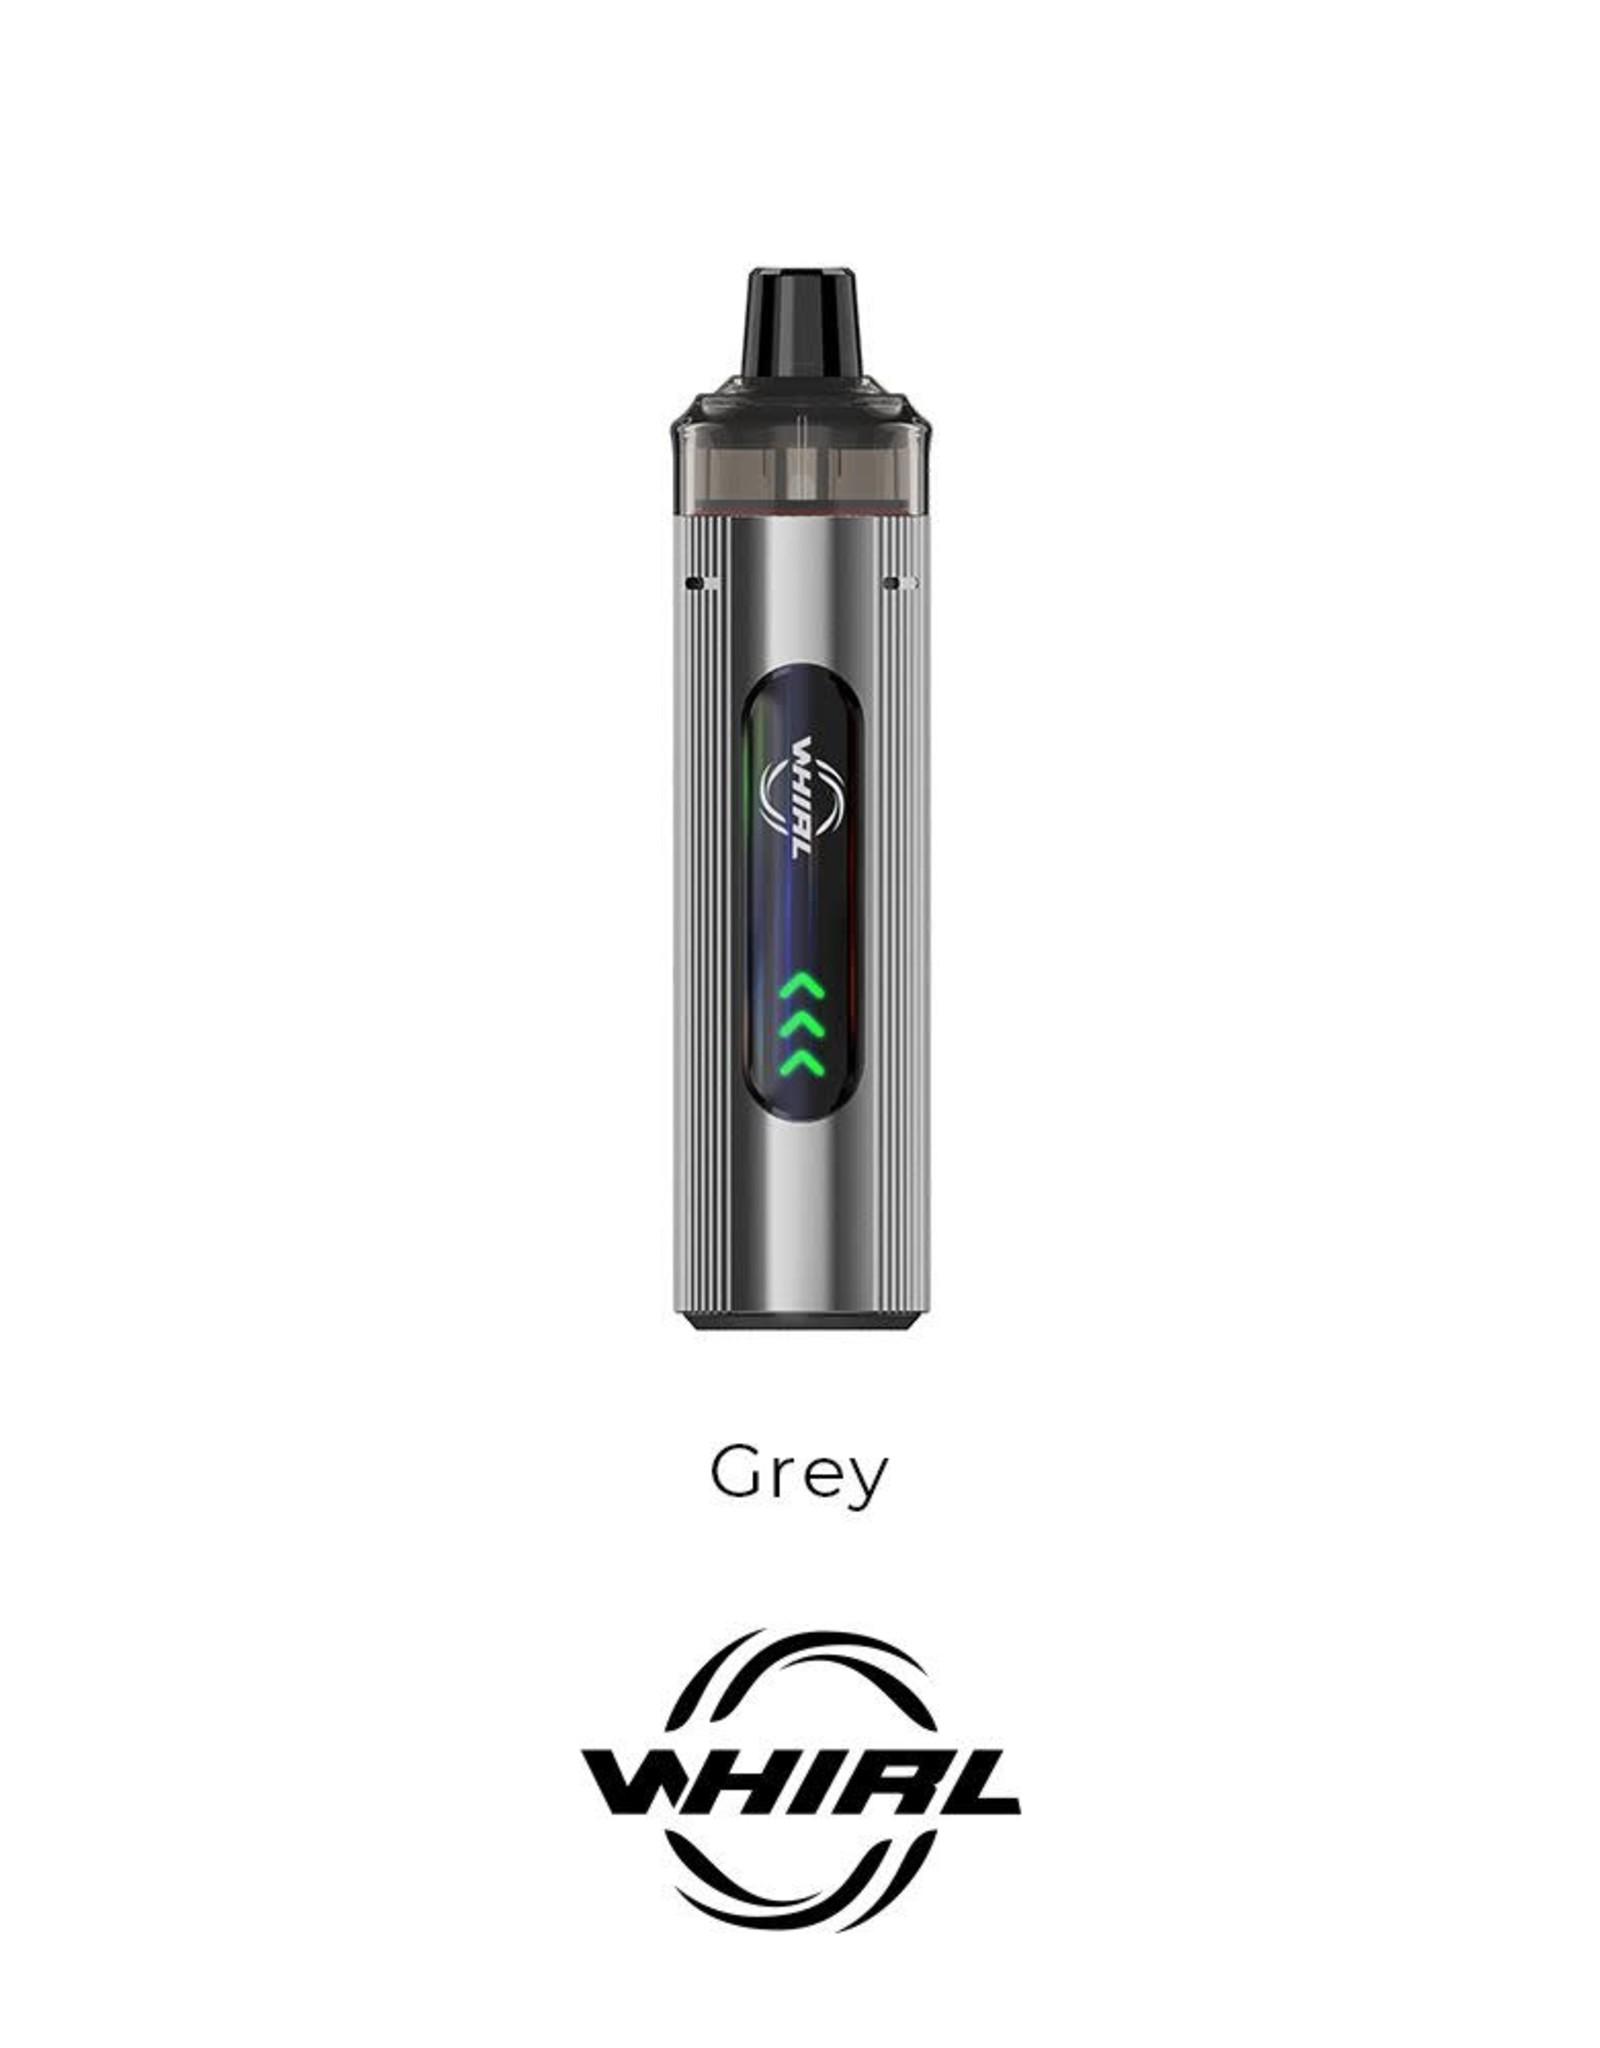 Uwell Uwell Whirl T1 POD Kit